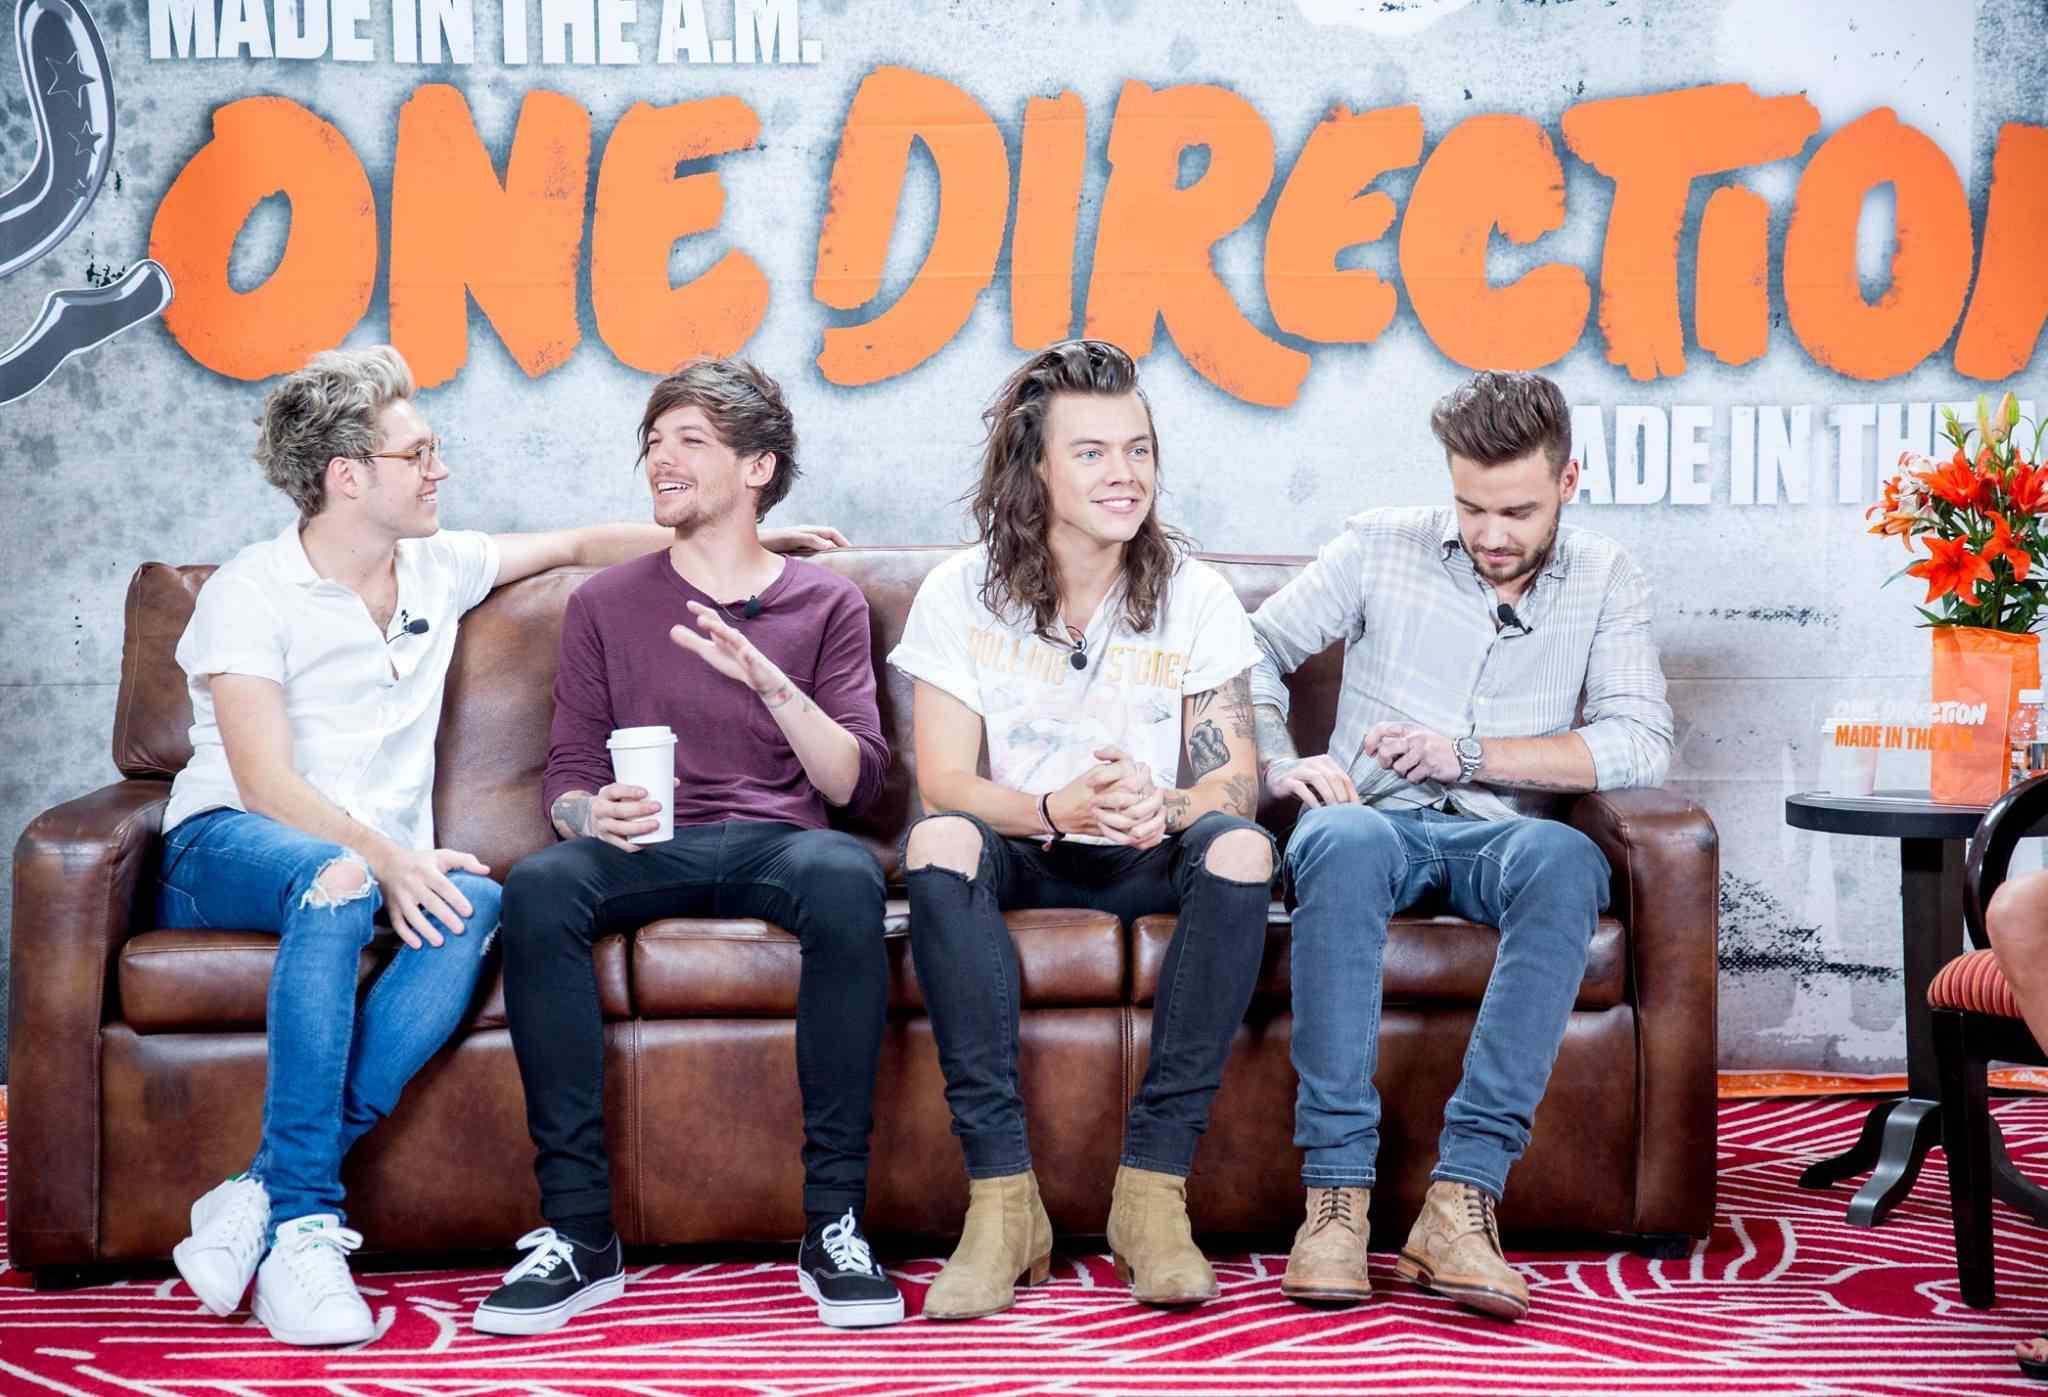 #2 One Direction 110百萬美元 22-24歲 全世界最賺男子團體:一世代(拍手) 雖然團員贊恩在2015年3月離團,而他們也在2016年初展開為期18個月的休假,但是他們2015年的《青春再前進 On the Road Again》世界巡迴演唱會可是賺滿200百萬美元以上。